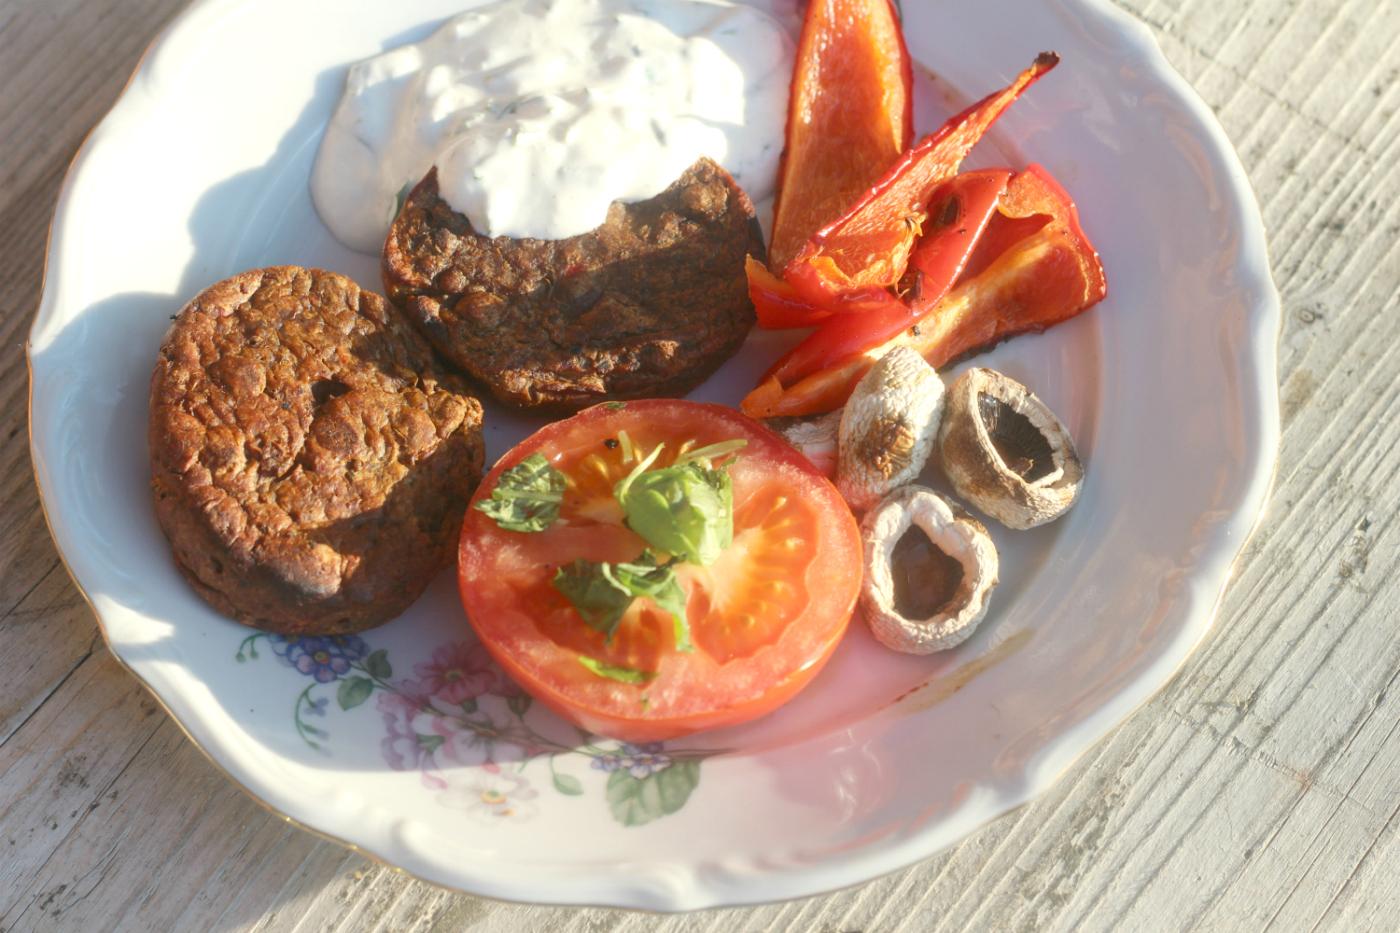 Video-ohjeessa kesän nopein grilliannos: Härkis Pihvit ja vihannekset kermaviilikastikkeella